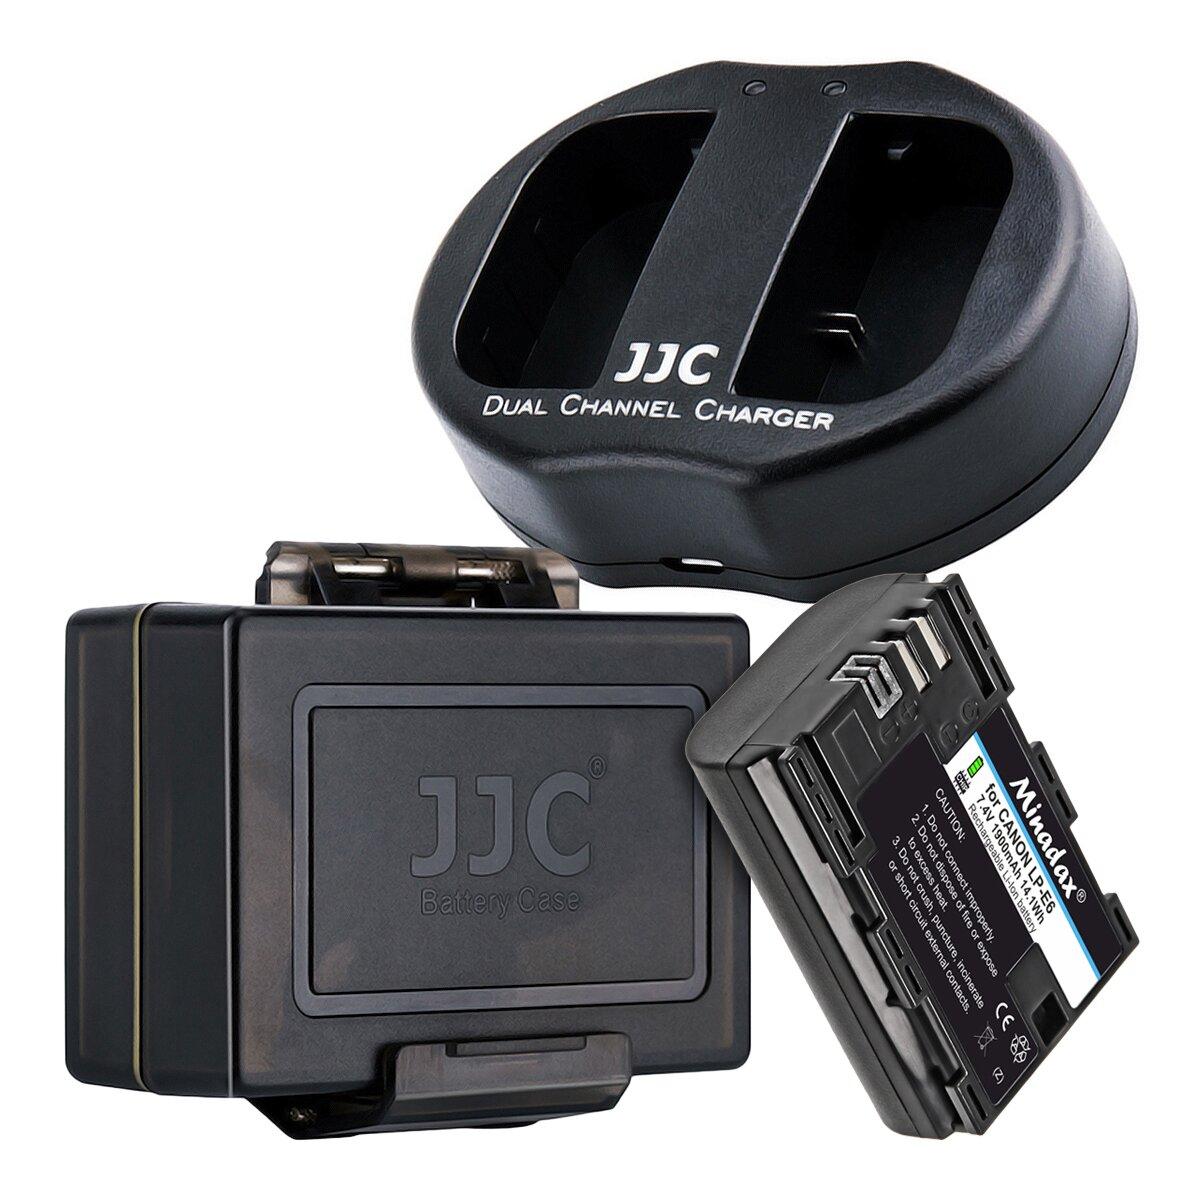 JJC Ladegerät inkl. 1x LP-E6 1900mAh Nachbauakku und 1x Akku Schutzbox | Ladegerät mit 2 Ladesteckplätzen und USB-Anschlusskabel überall verwendbar